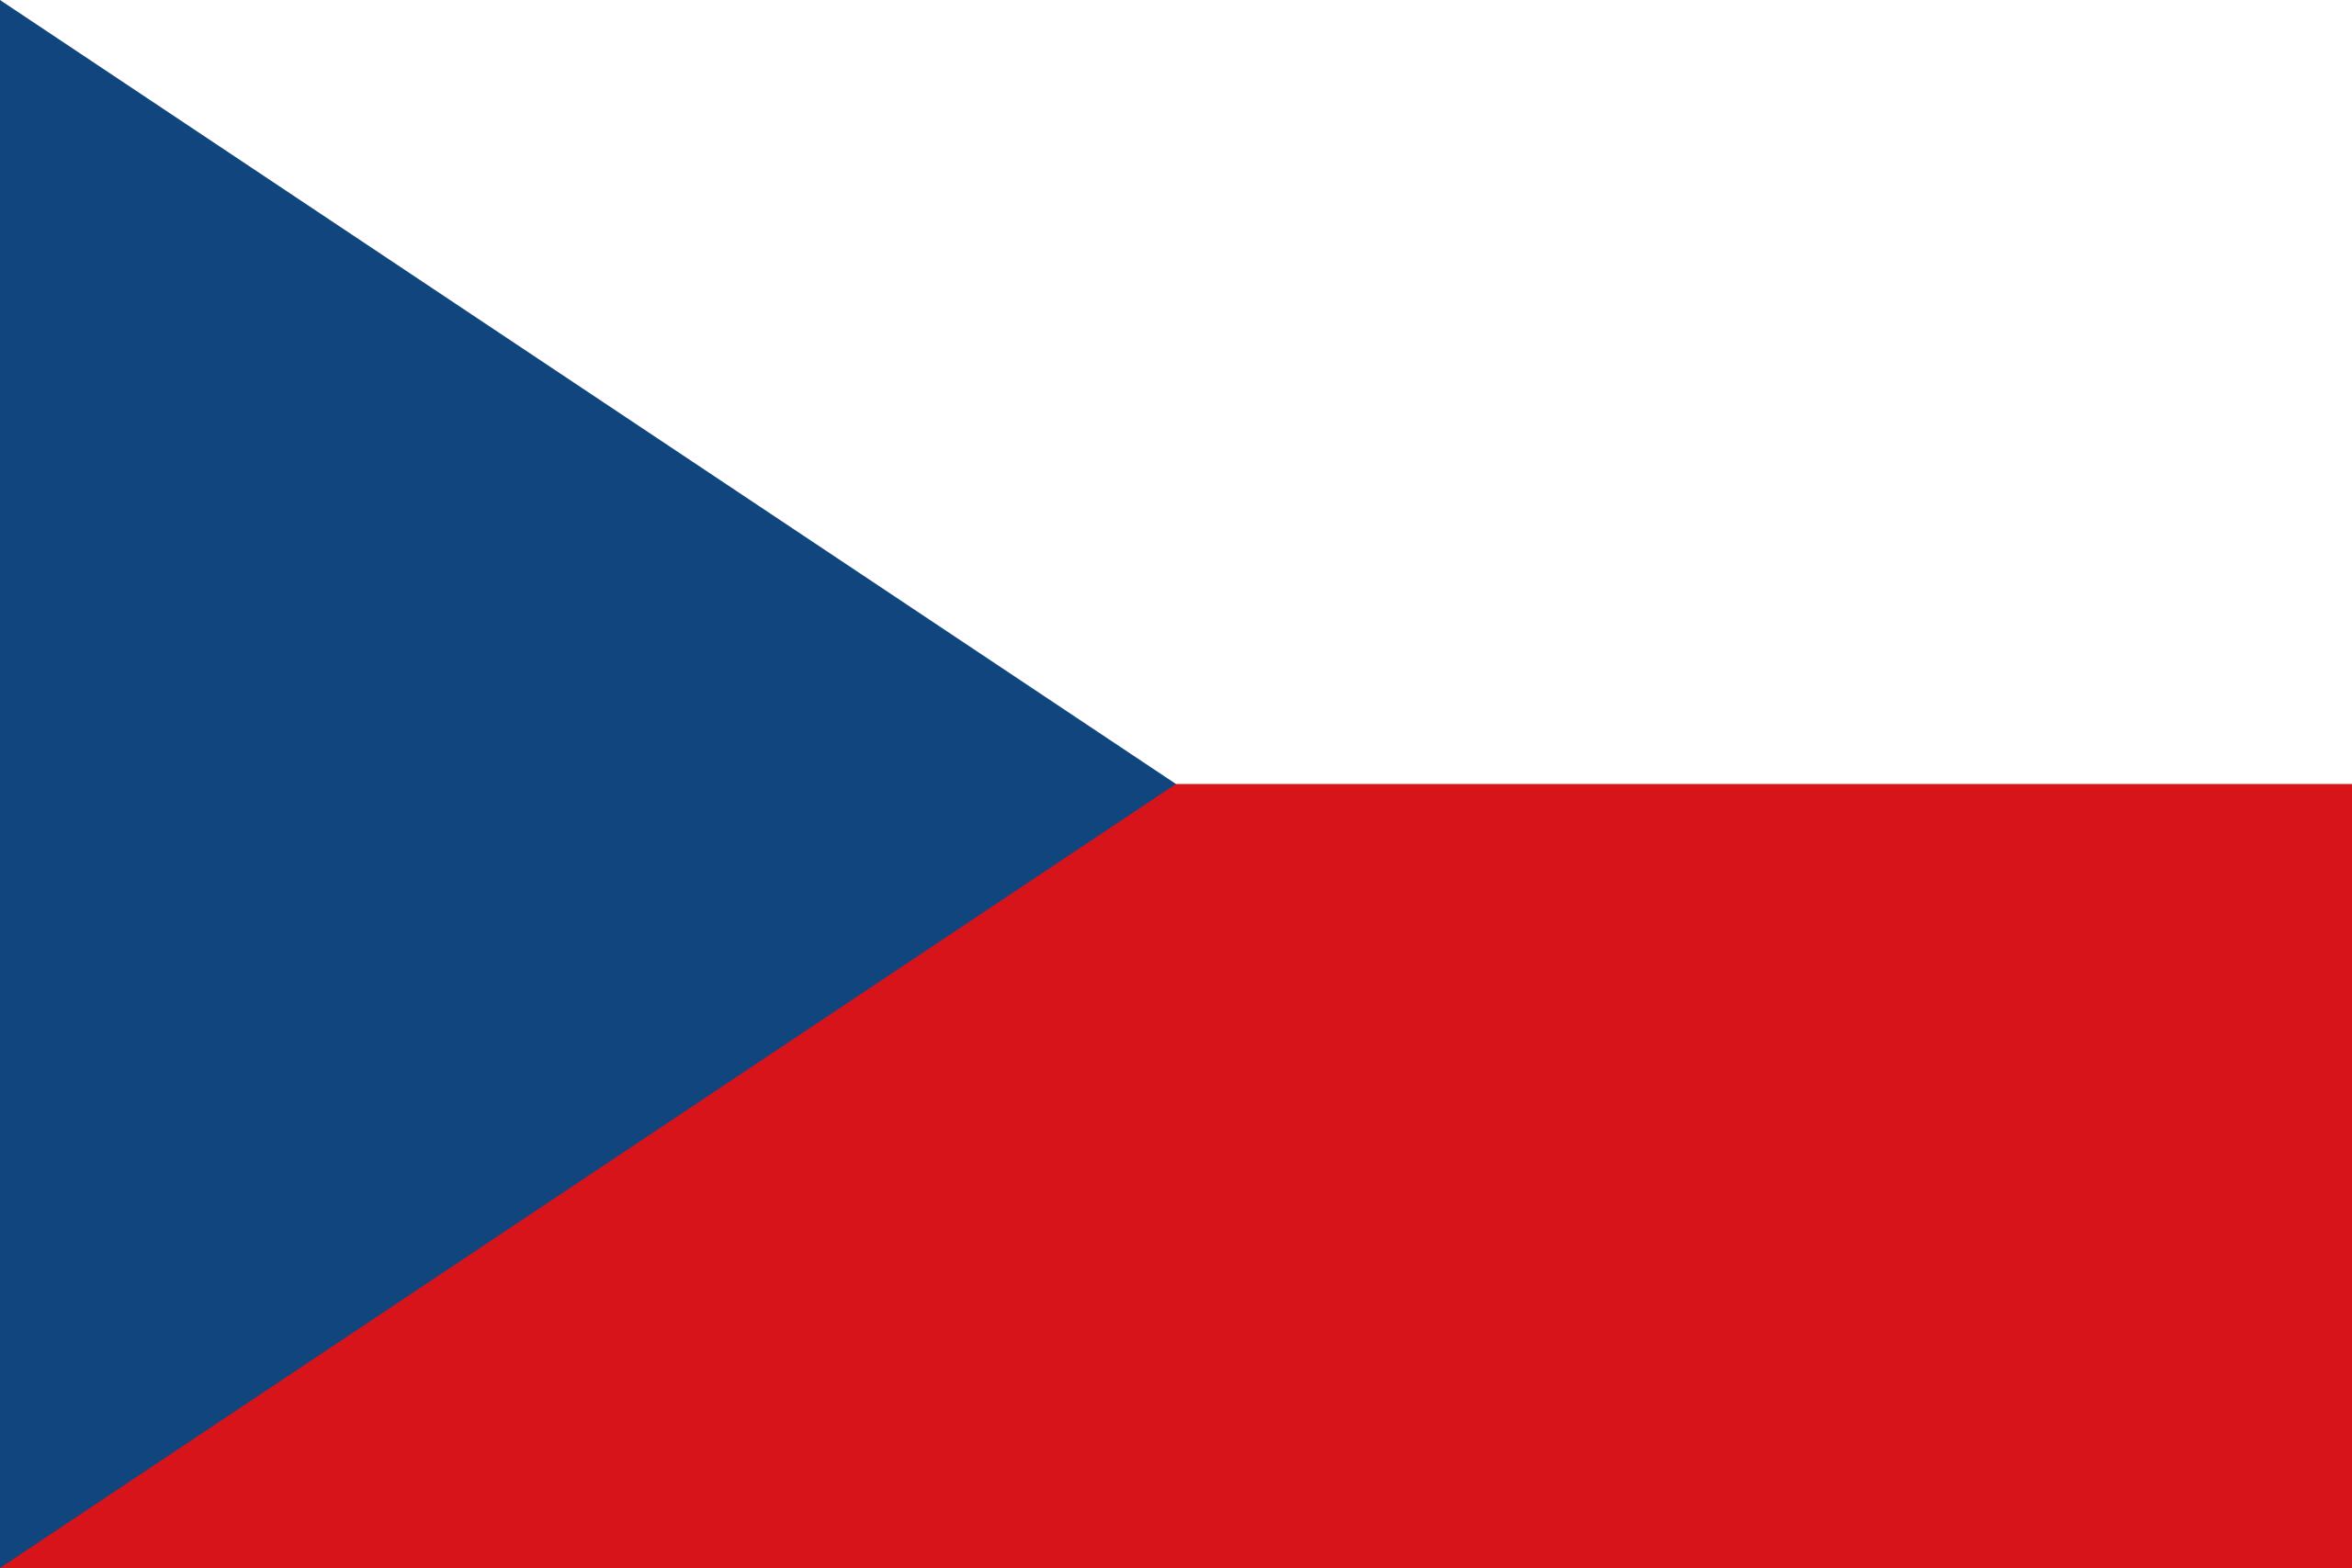 cz-1 Análisis de República Checa - Grupo D - Comunio-Biwenger